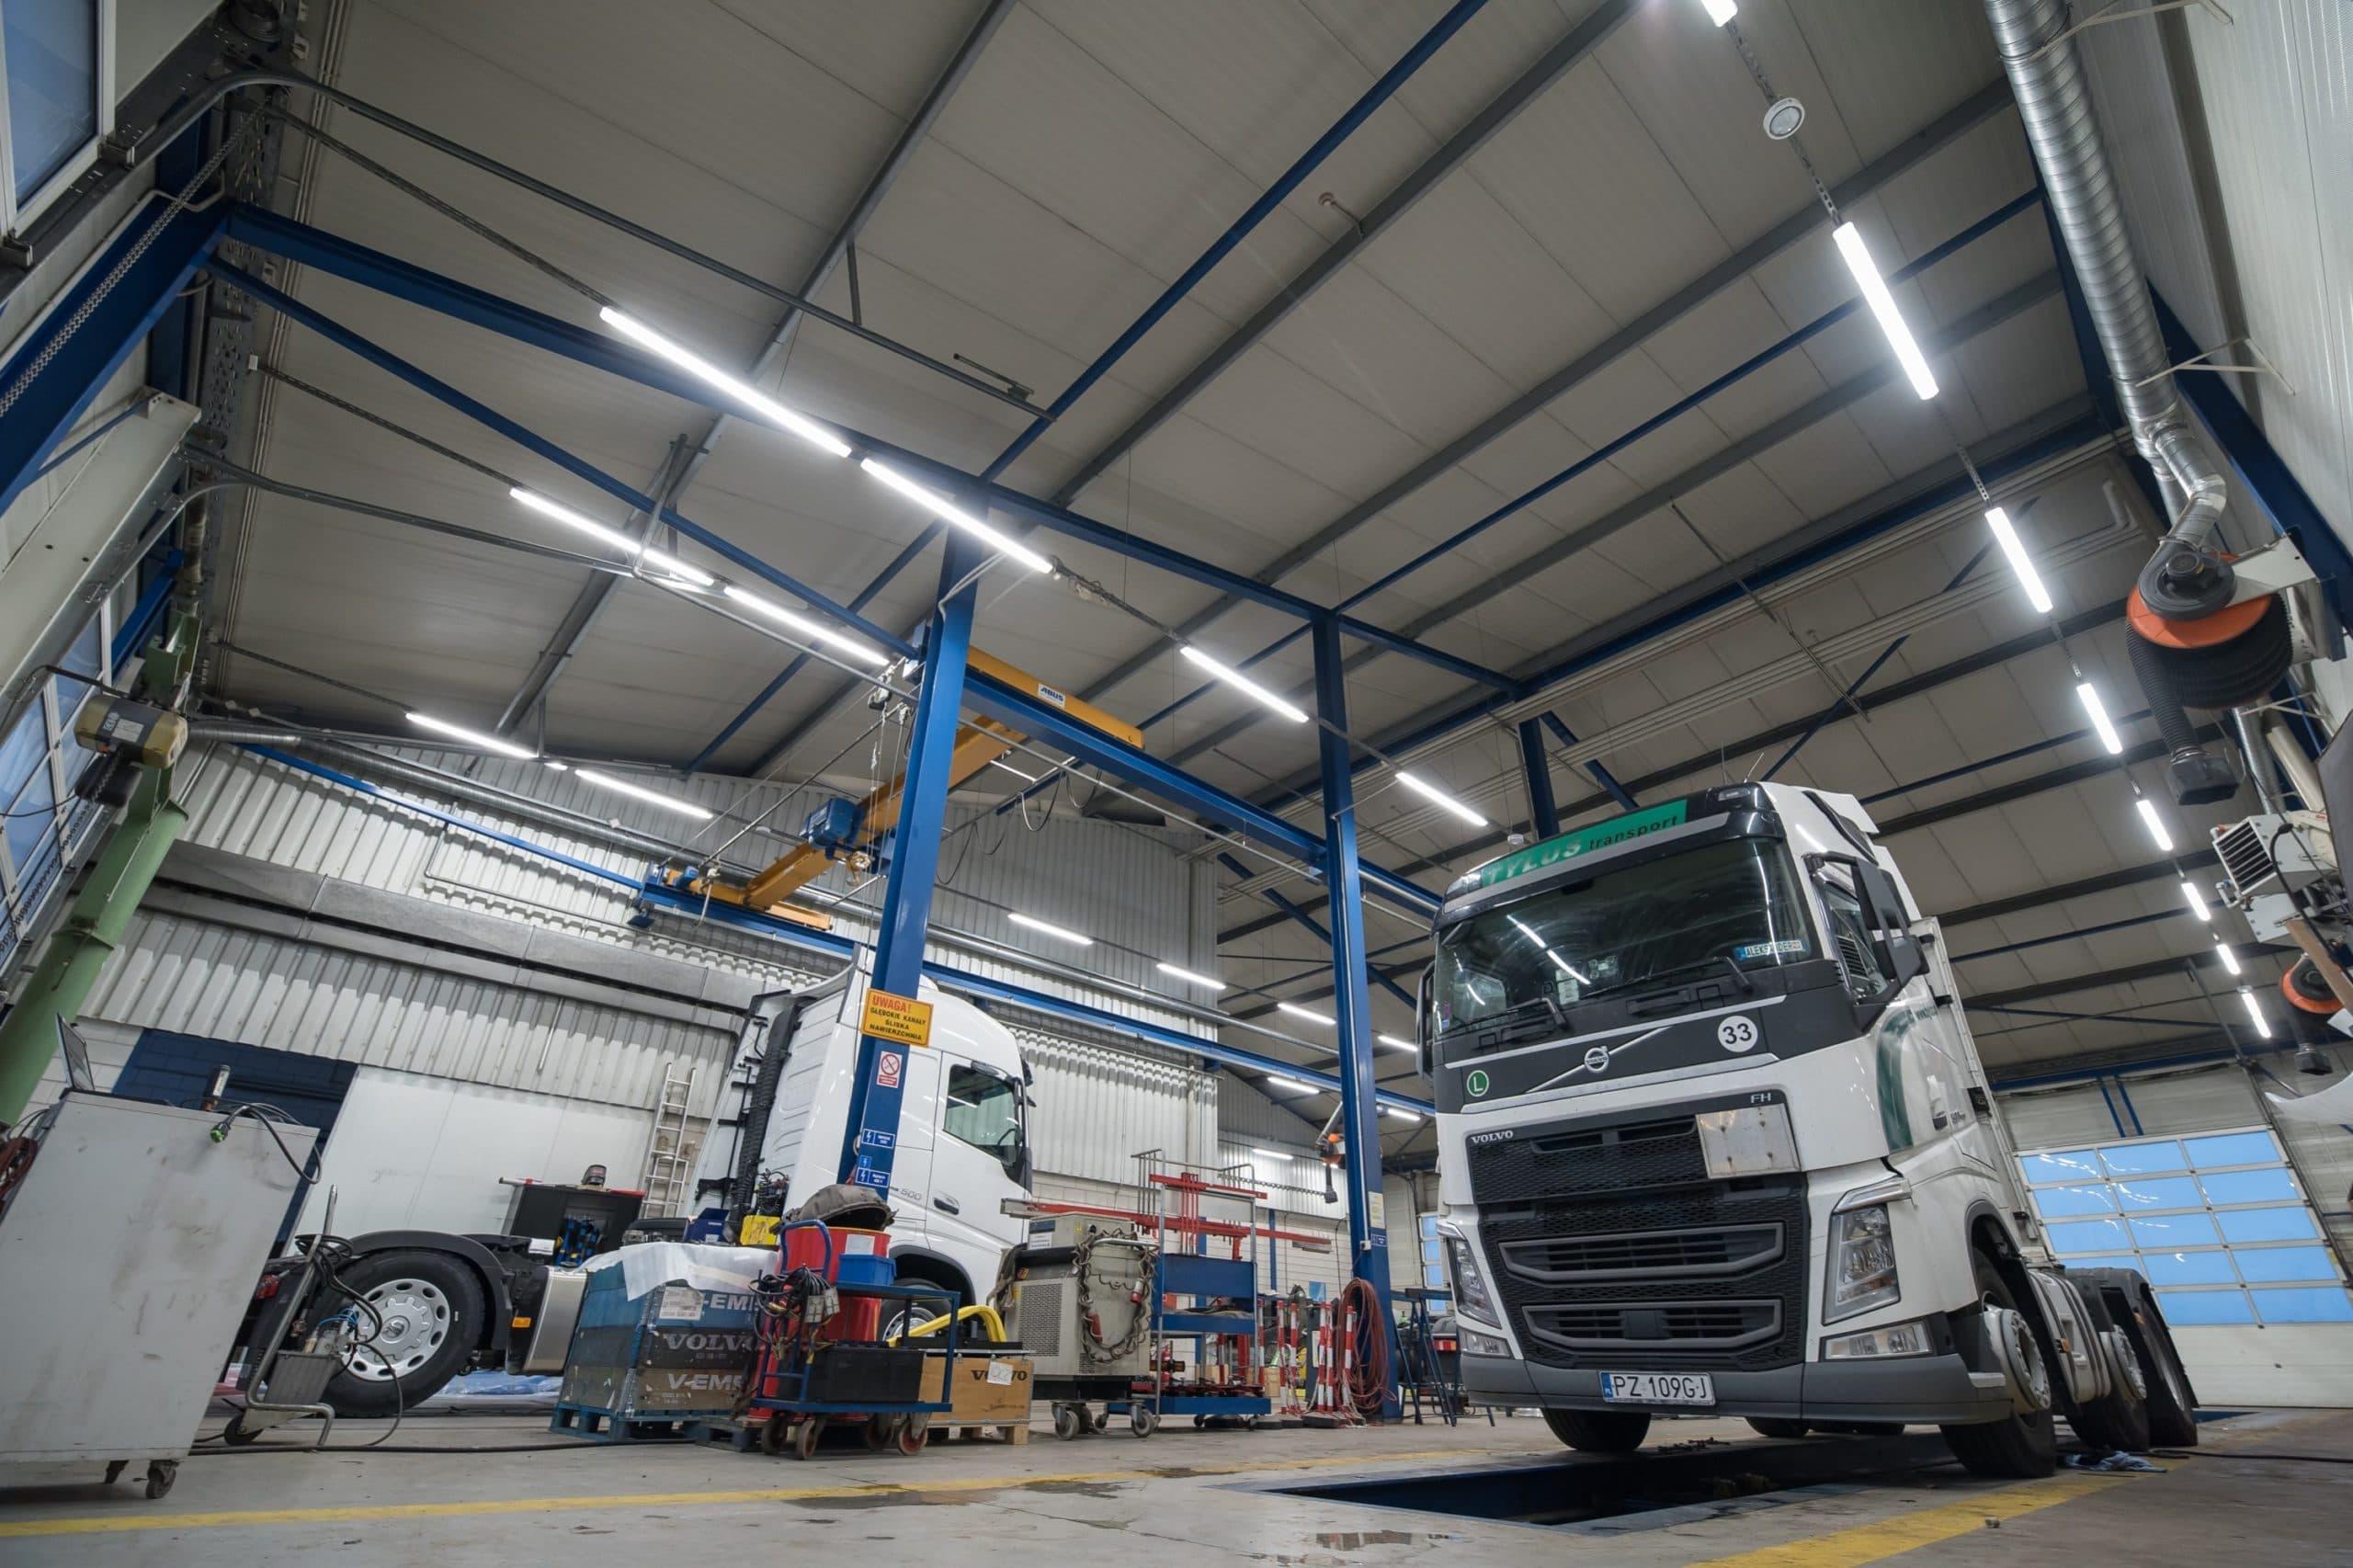 Oprawy Industrial w zmodernizowanym zakładzie samochodowym - Luxon LED